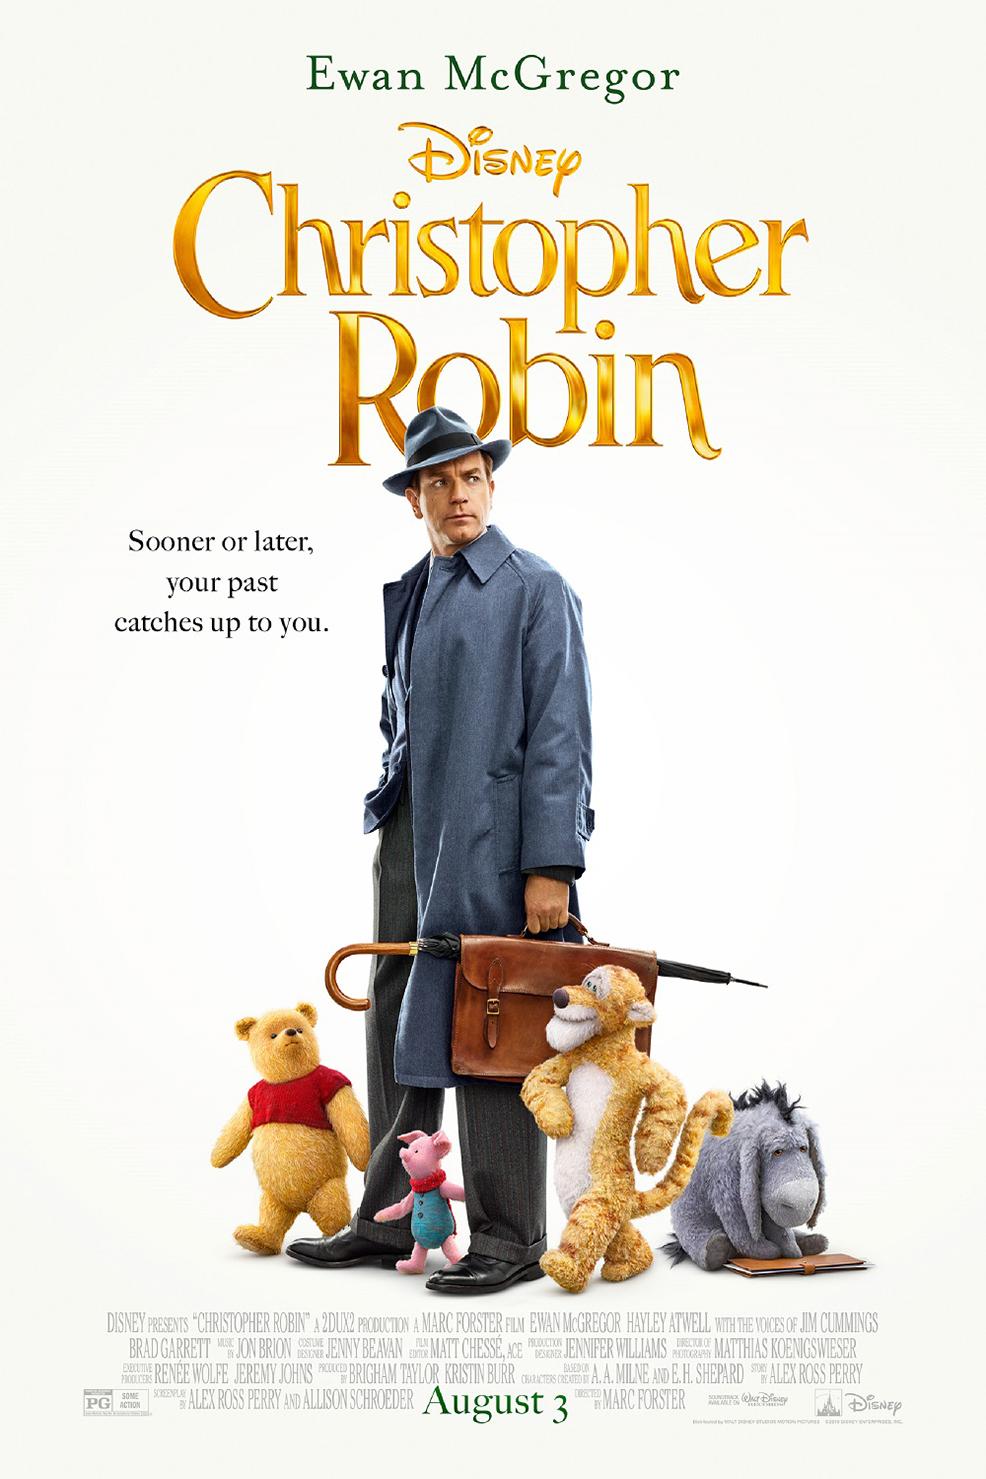 Poster for Disney's Christopher Robin